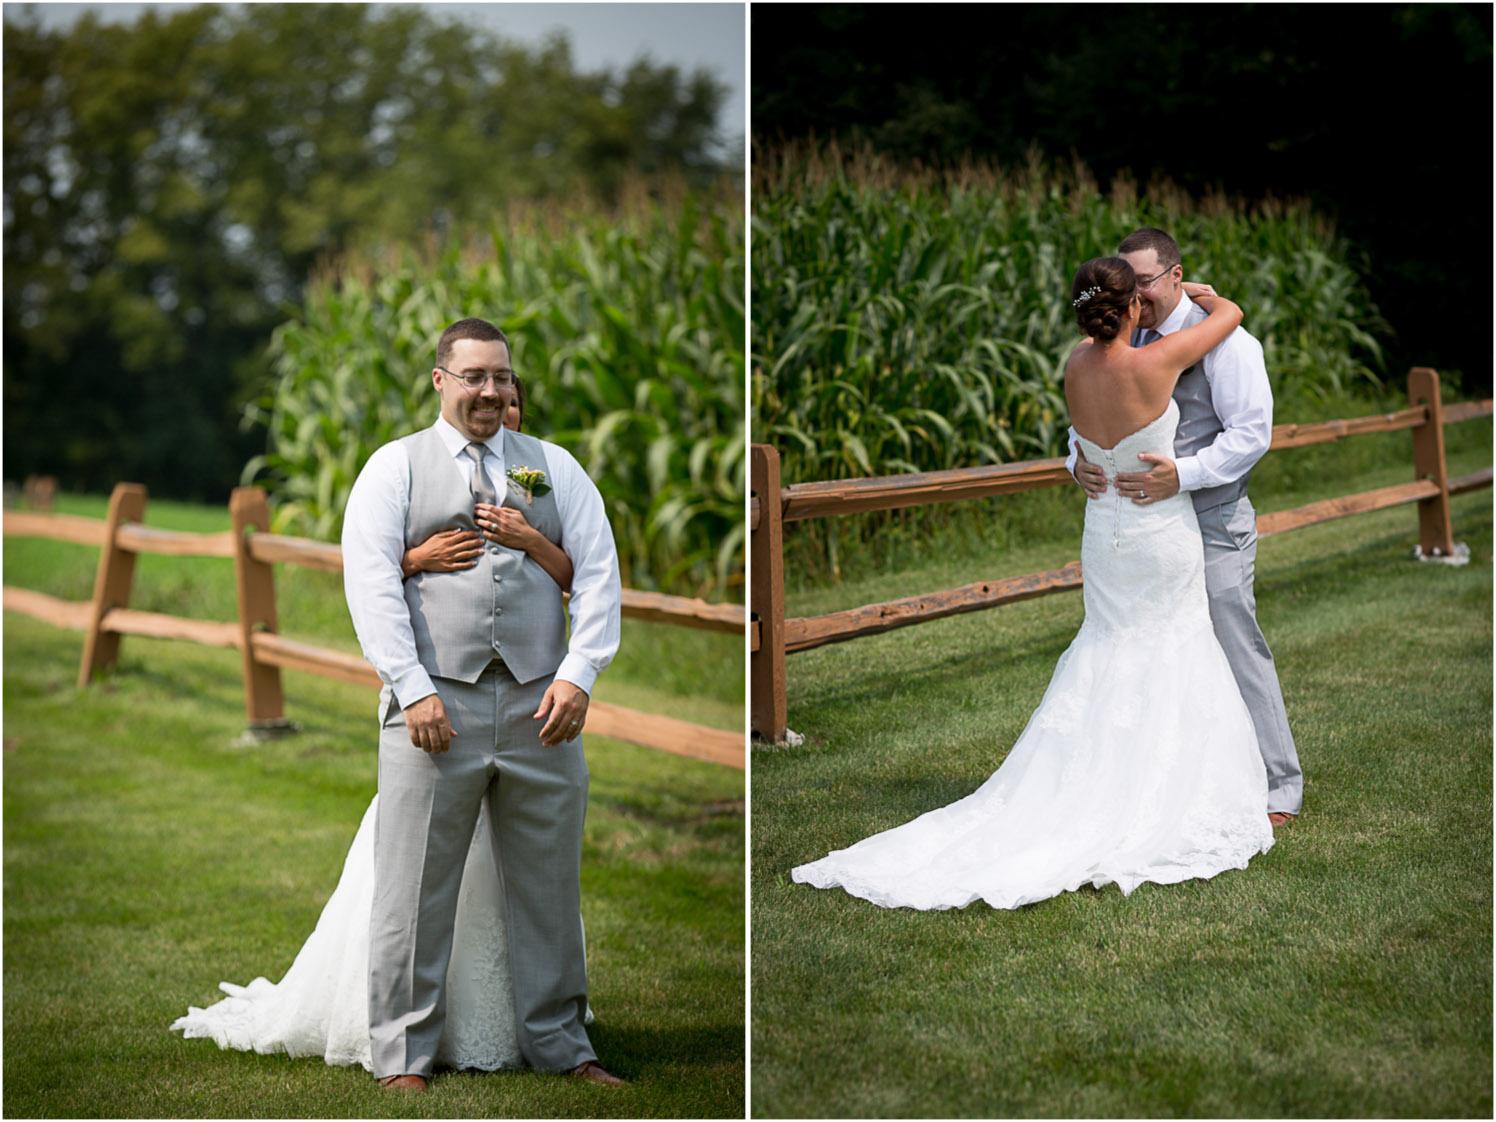 06-ridgetop-prescott-wisconsin-wedding-photographer-bride-groom-first-look-corn-field-mahonen-photography.jpg